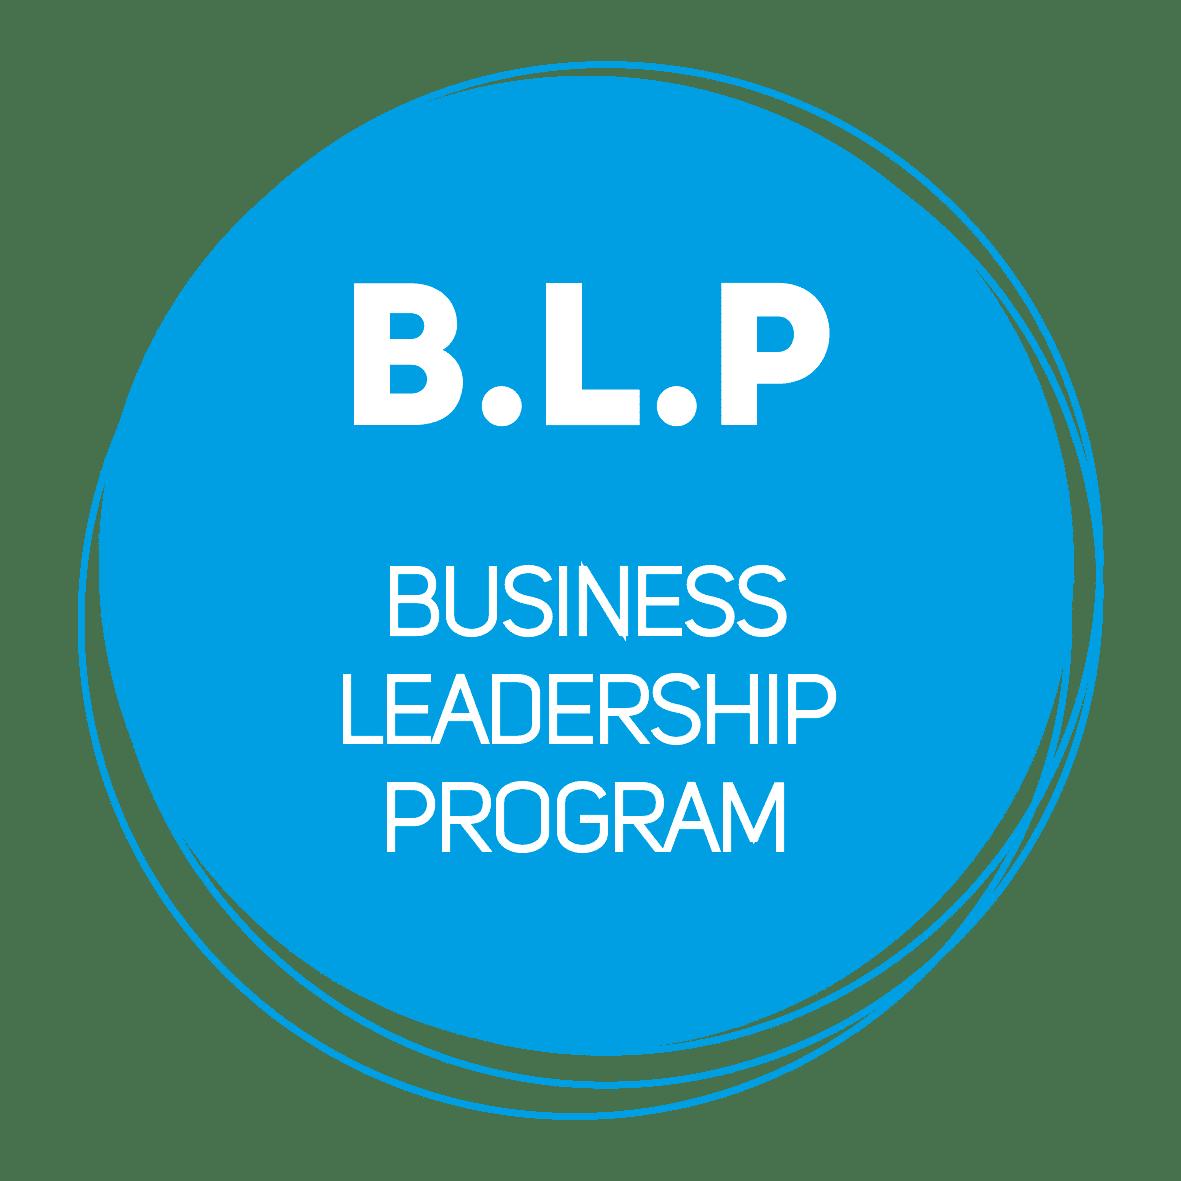 sites/41164617/Business Leadership Program.png